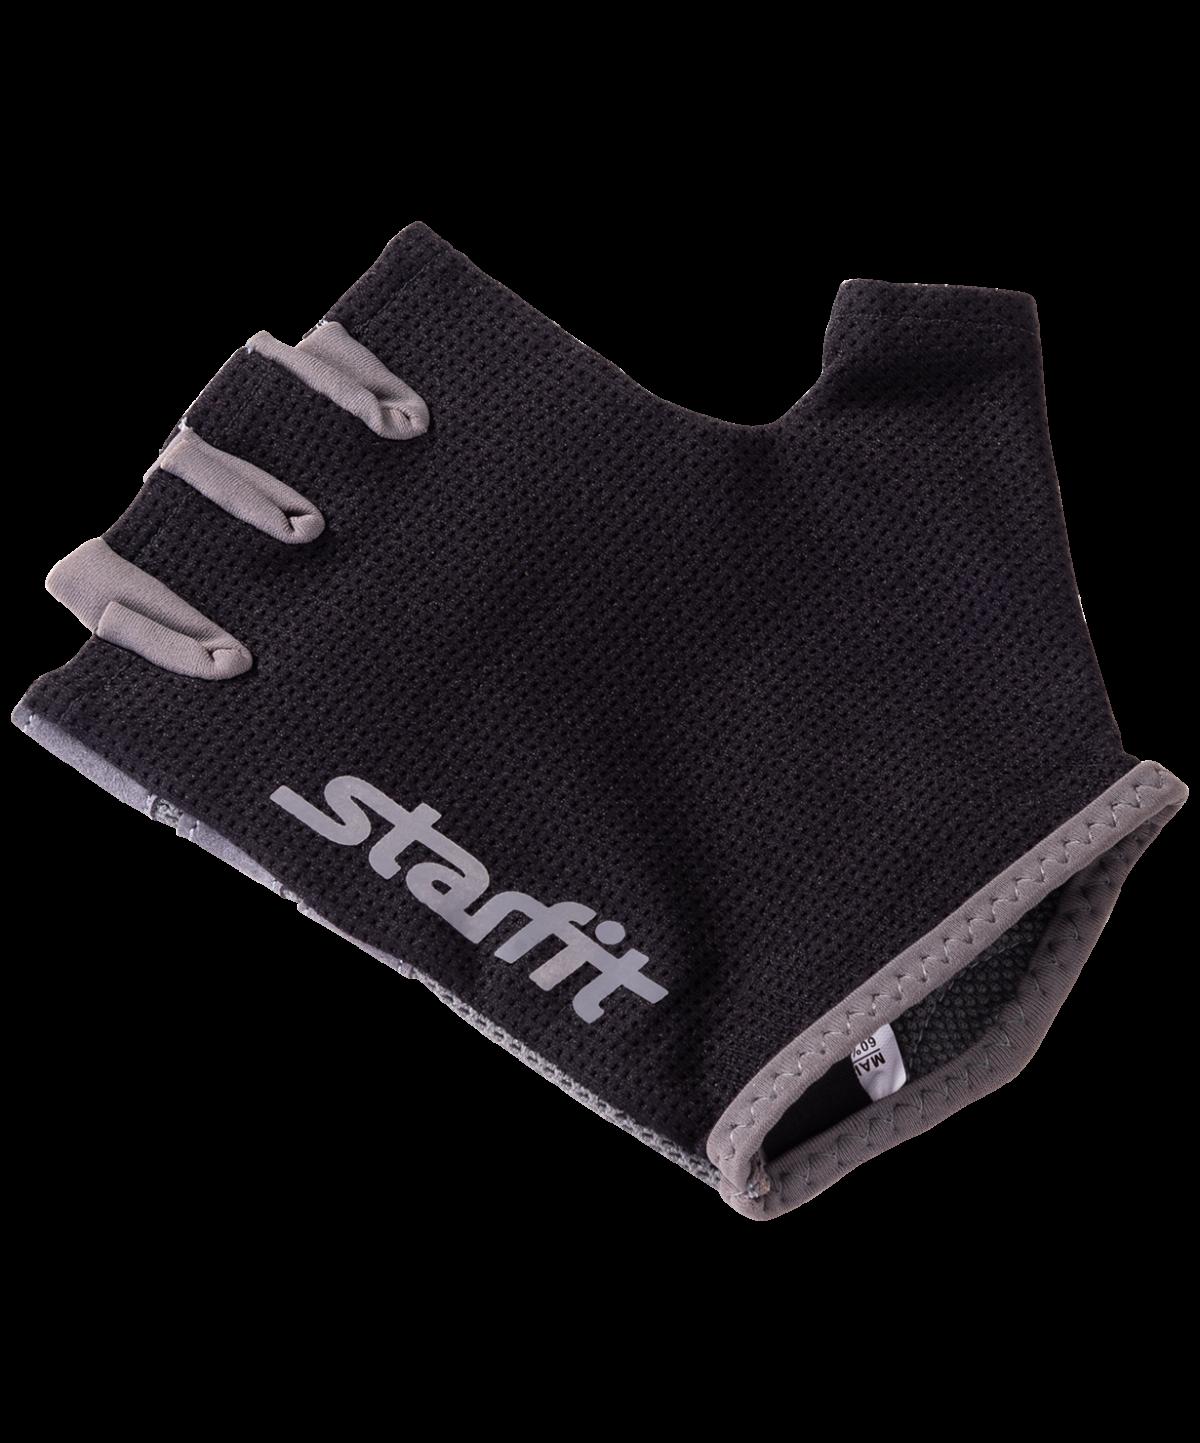 STARFIT Перчатки для фитнеса SU-127 : чёрный/серый - 3